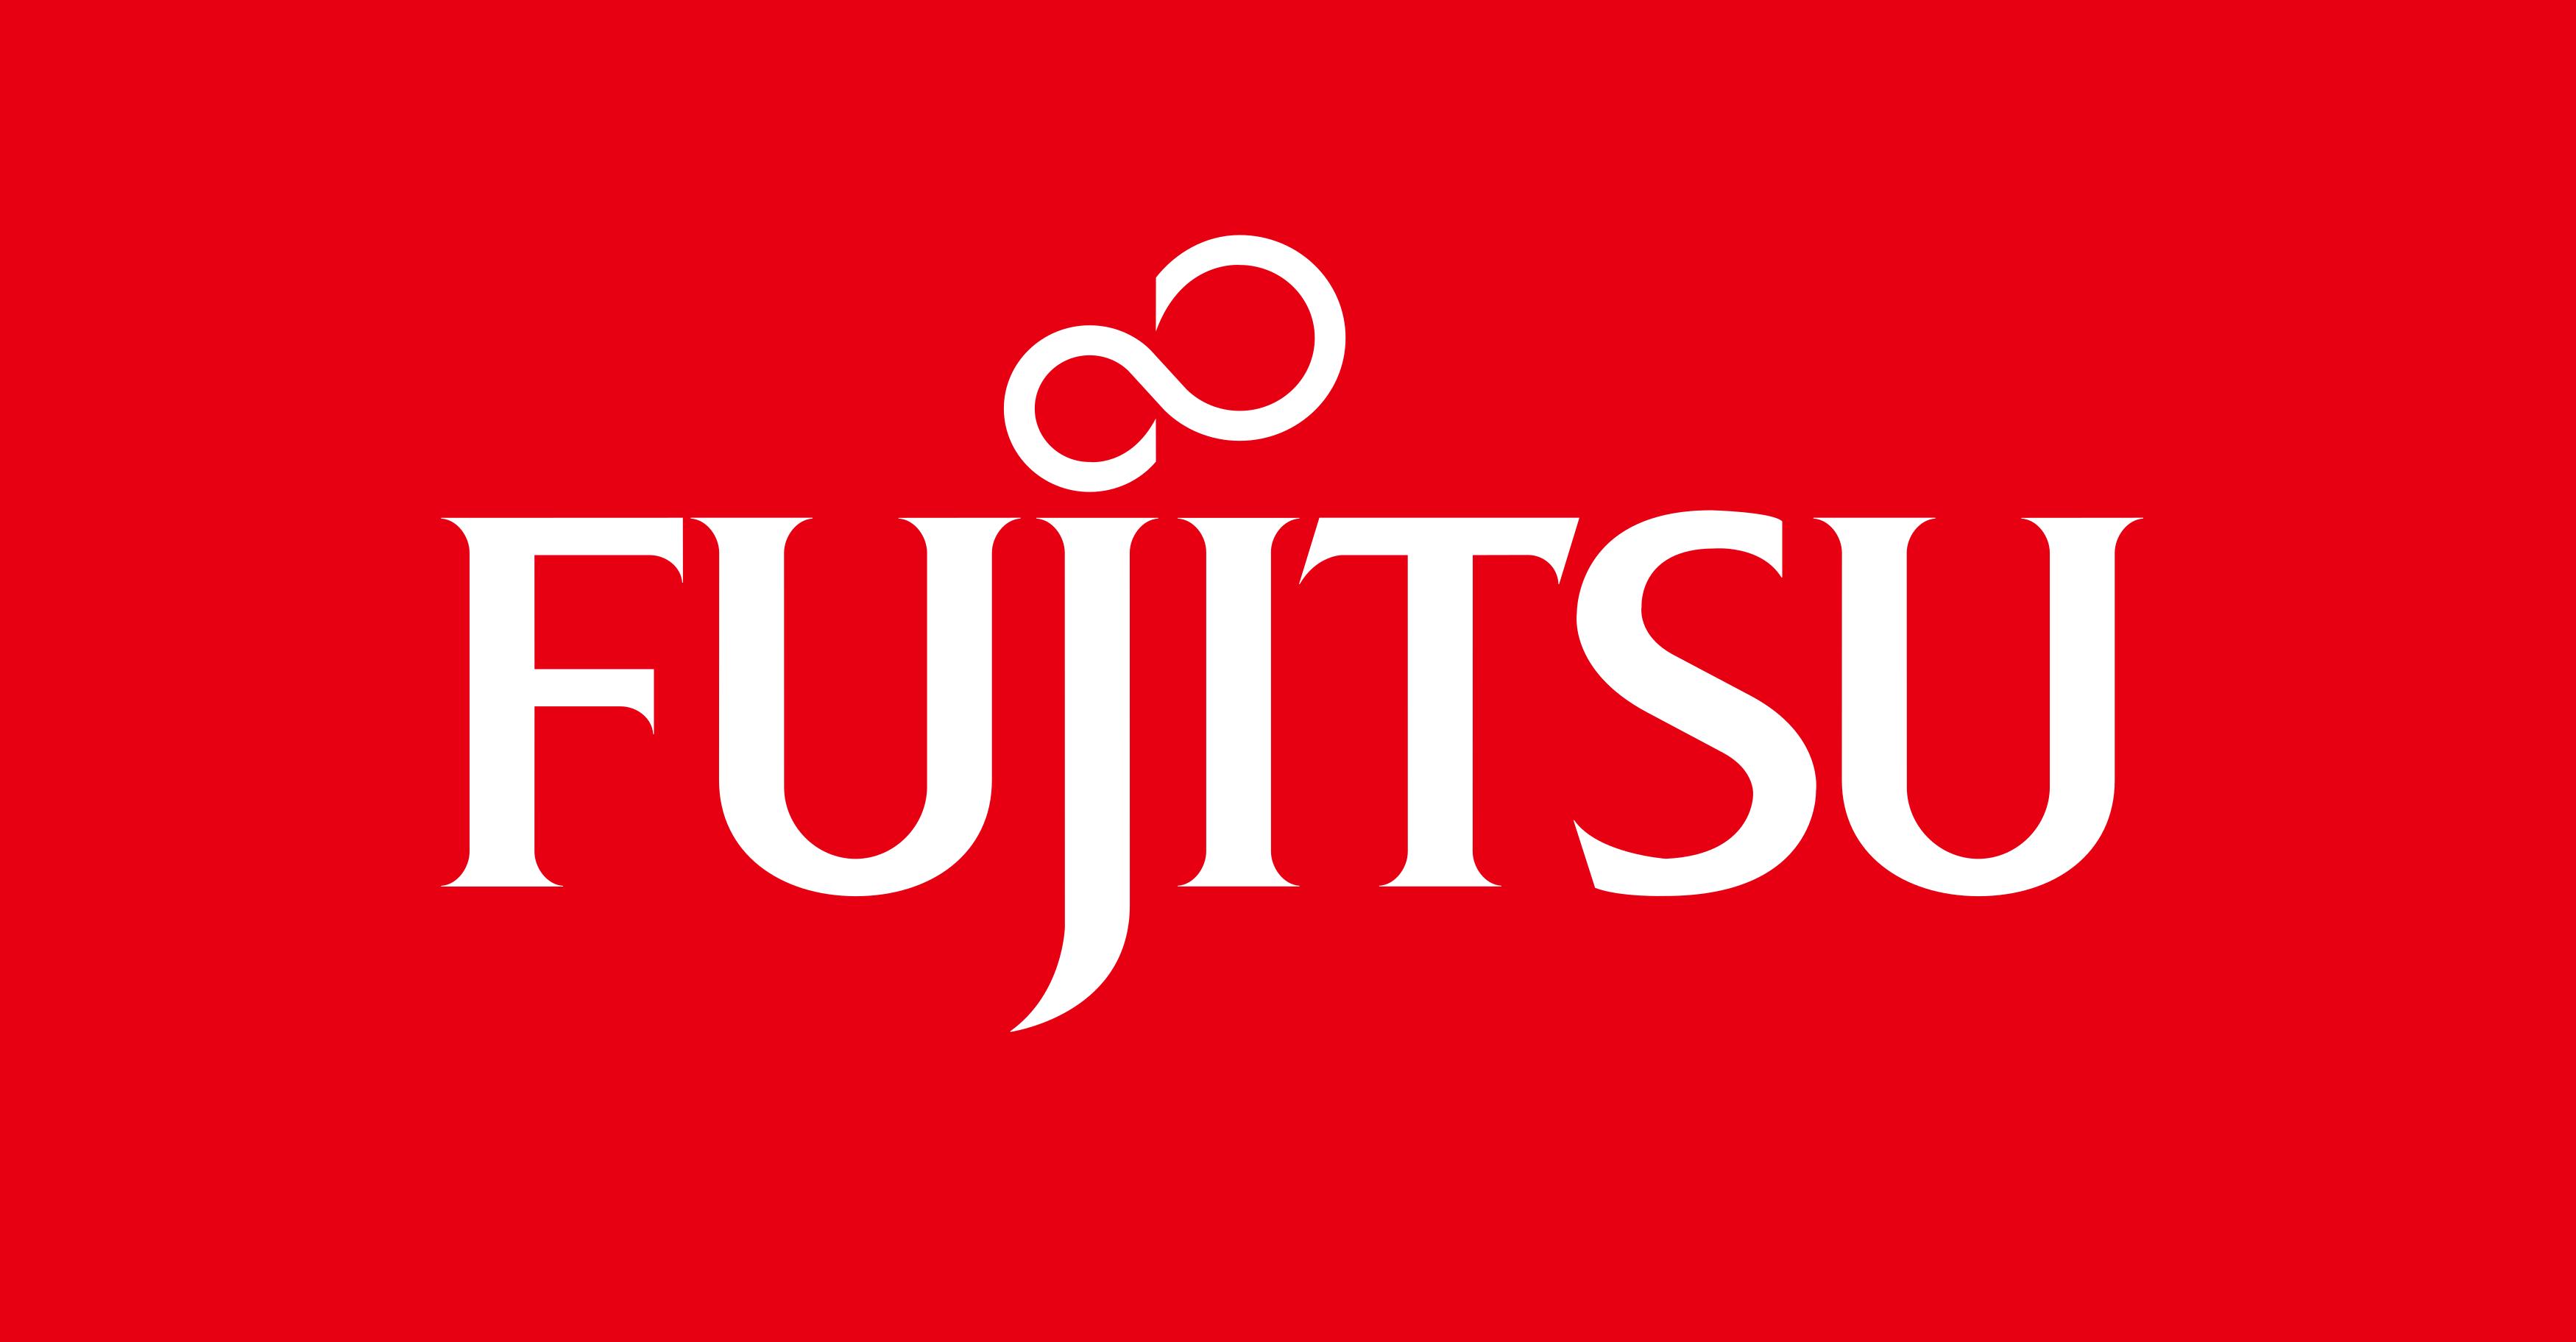 fujitsu logo 0 - Fujitsu Logo